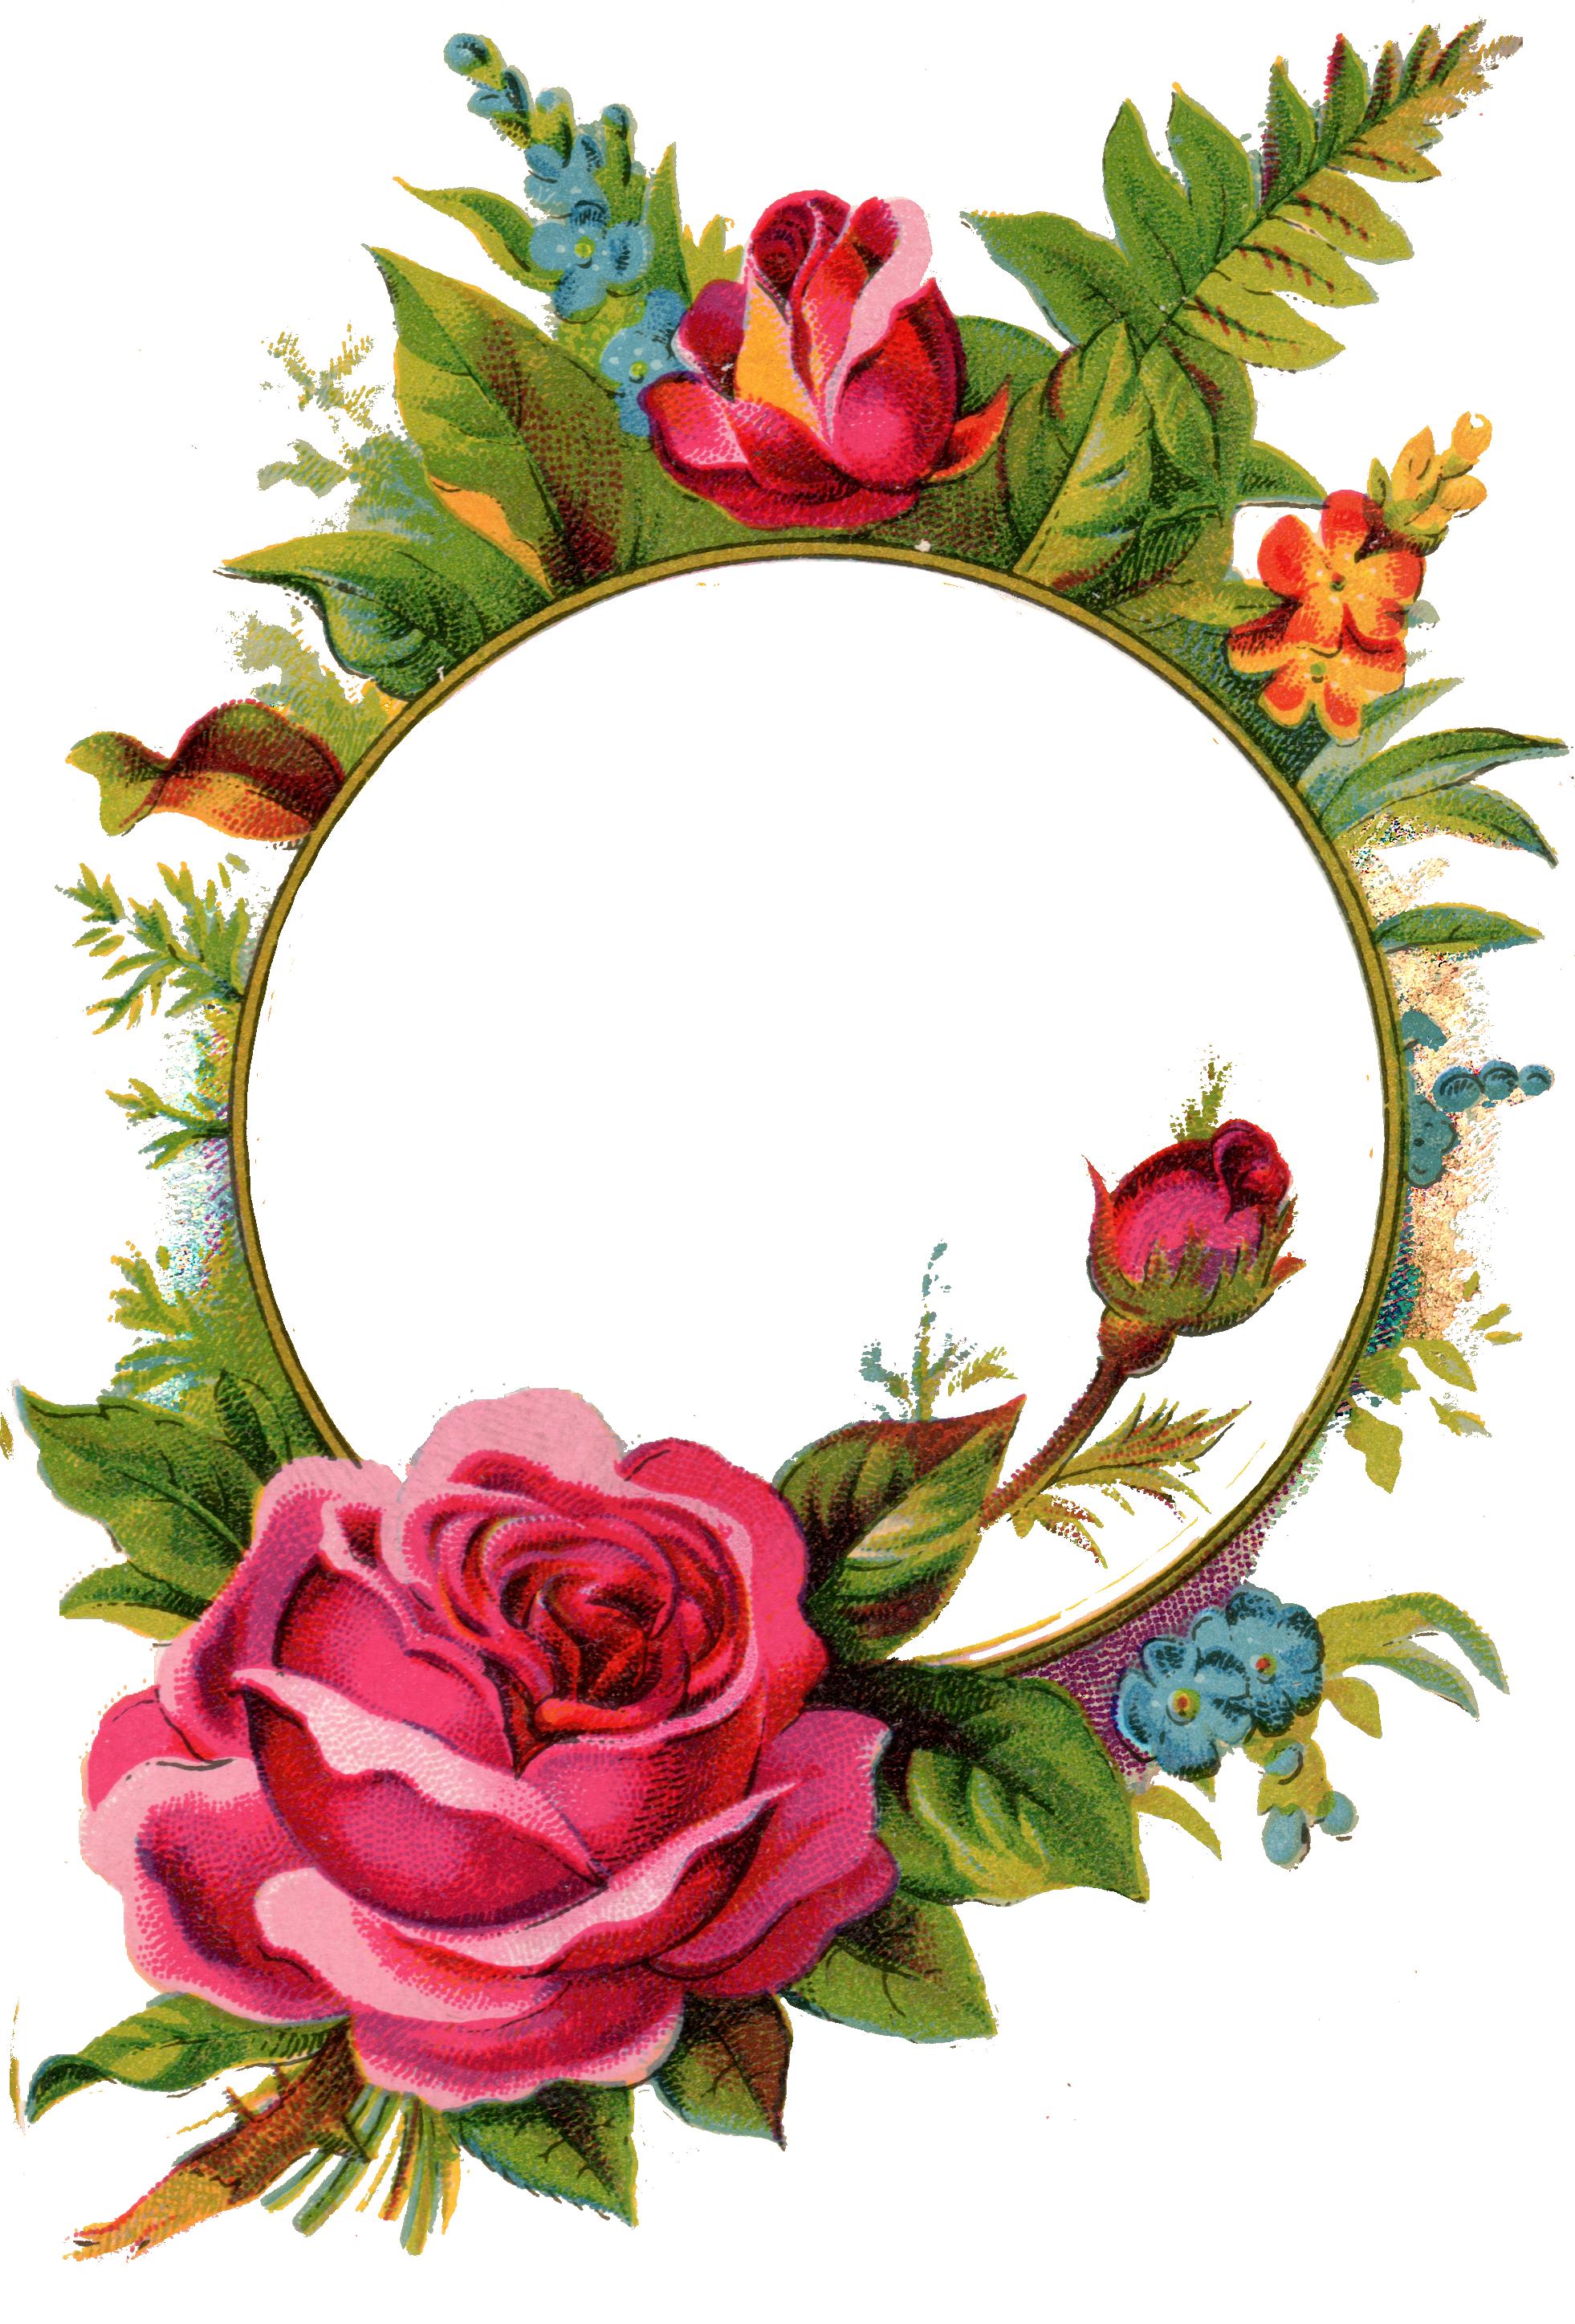 Pin De Enas Awwad34 Habiby Em Szines Imagem Floral Poster Floral Como Fazer Cartao